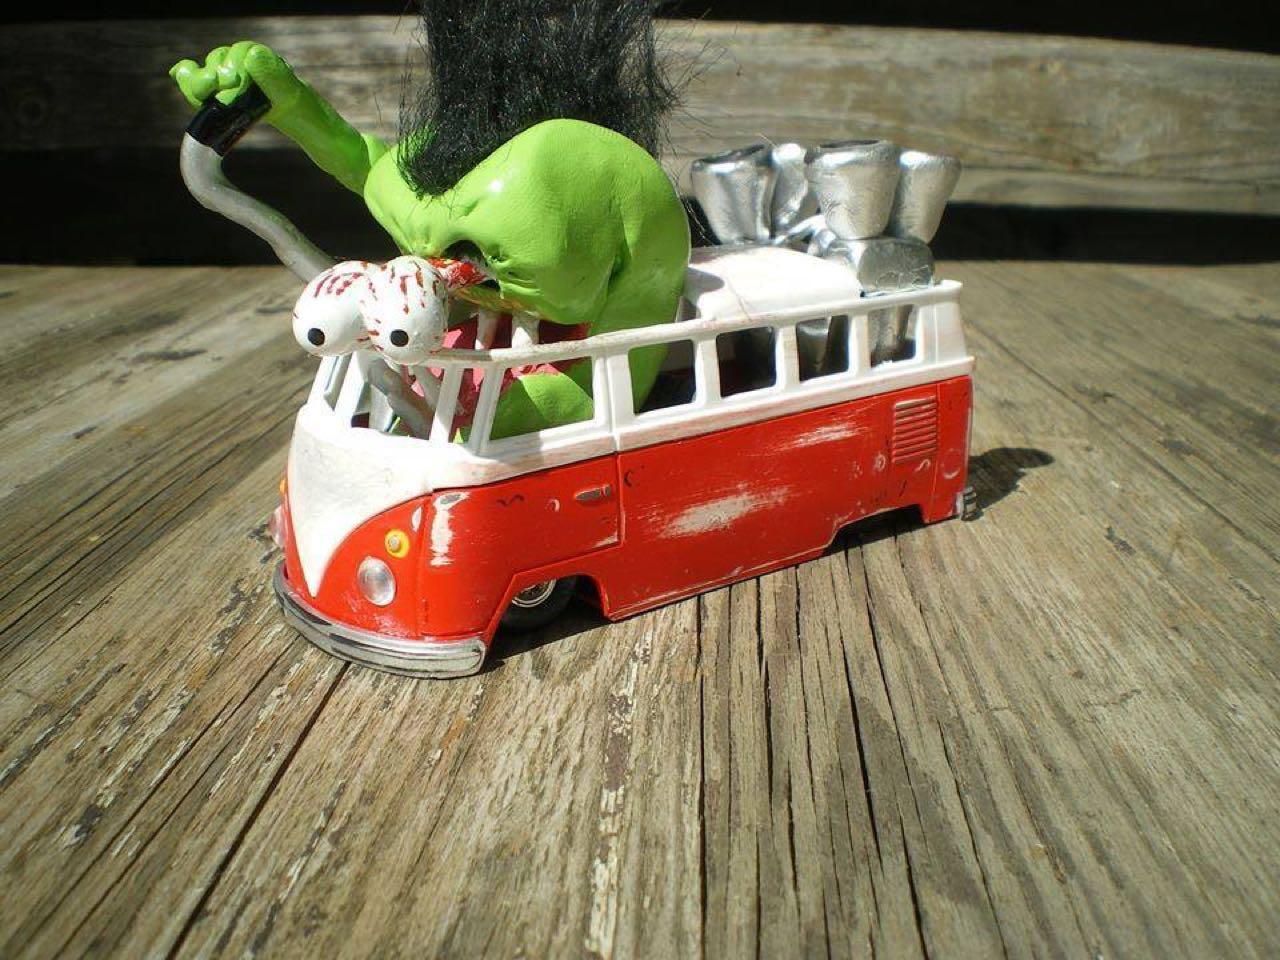 #Petrolhead : Funny Monsters - Délire ! 12